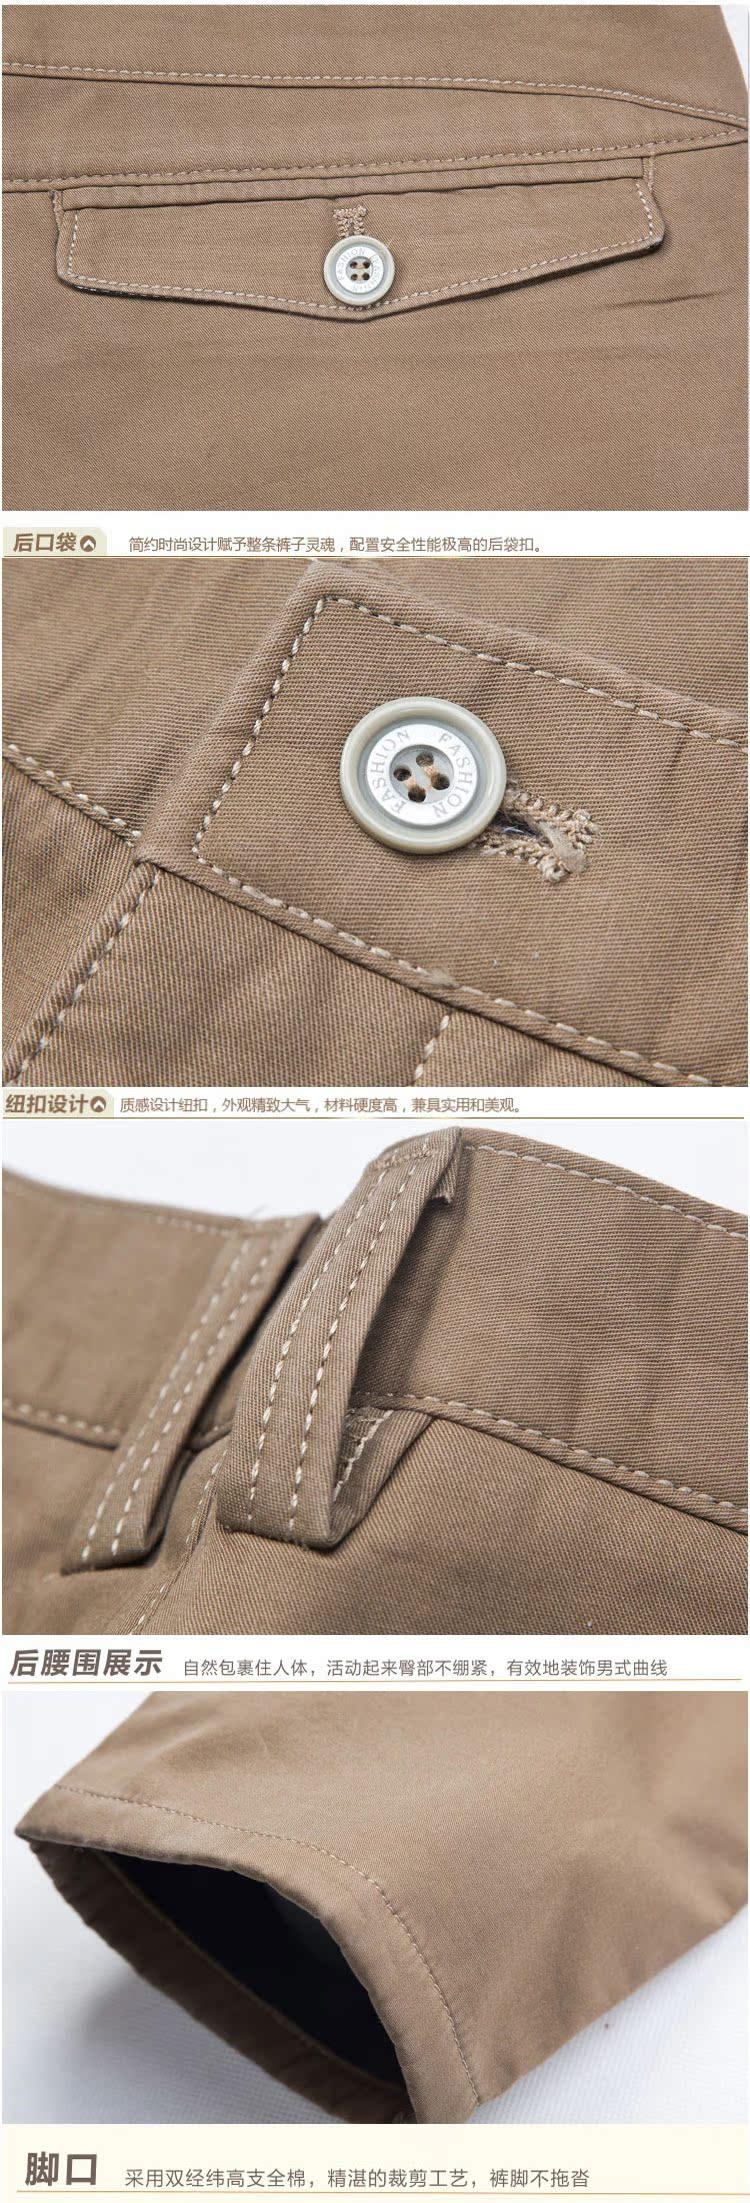 贵强服饰专营店_aleemaiga/阿里迈加品牌产品评情图